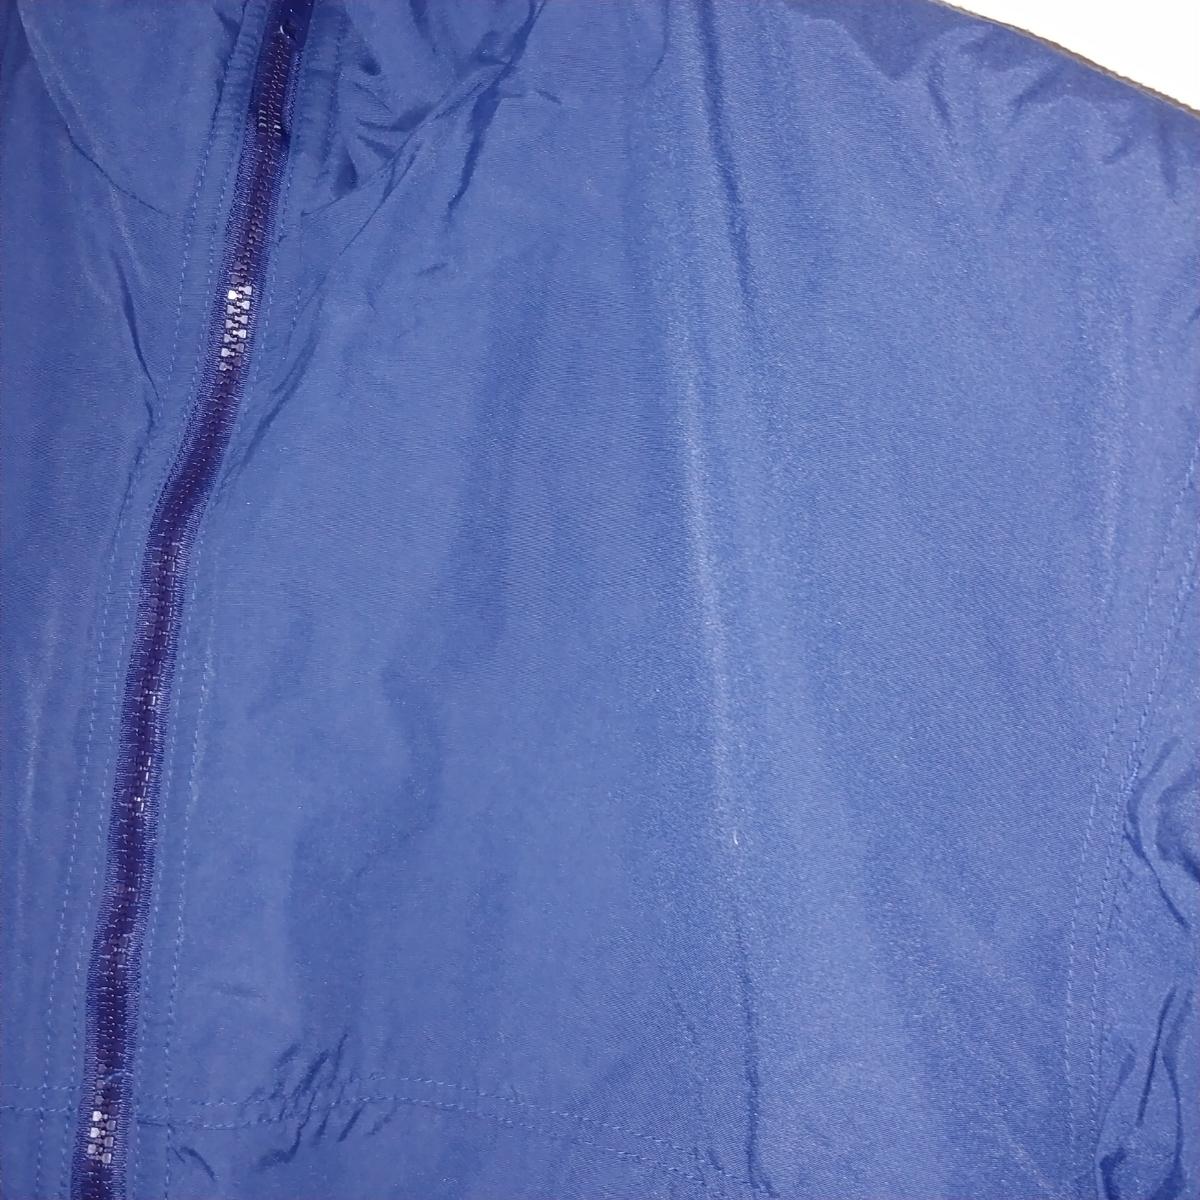 美品! パタゴニア シェルド シンチラ JKT size M レトロ MARS 日本製 三角タグ_画像3